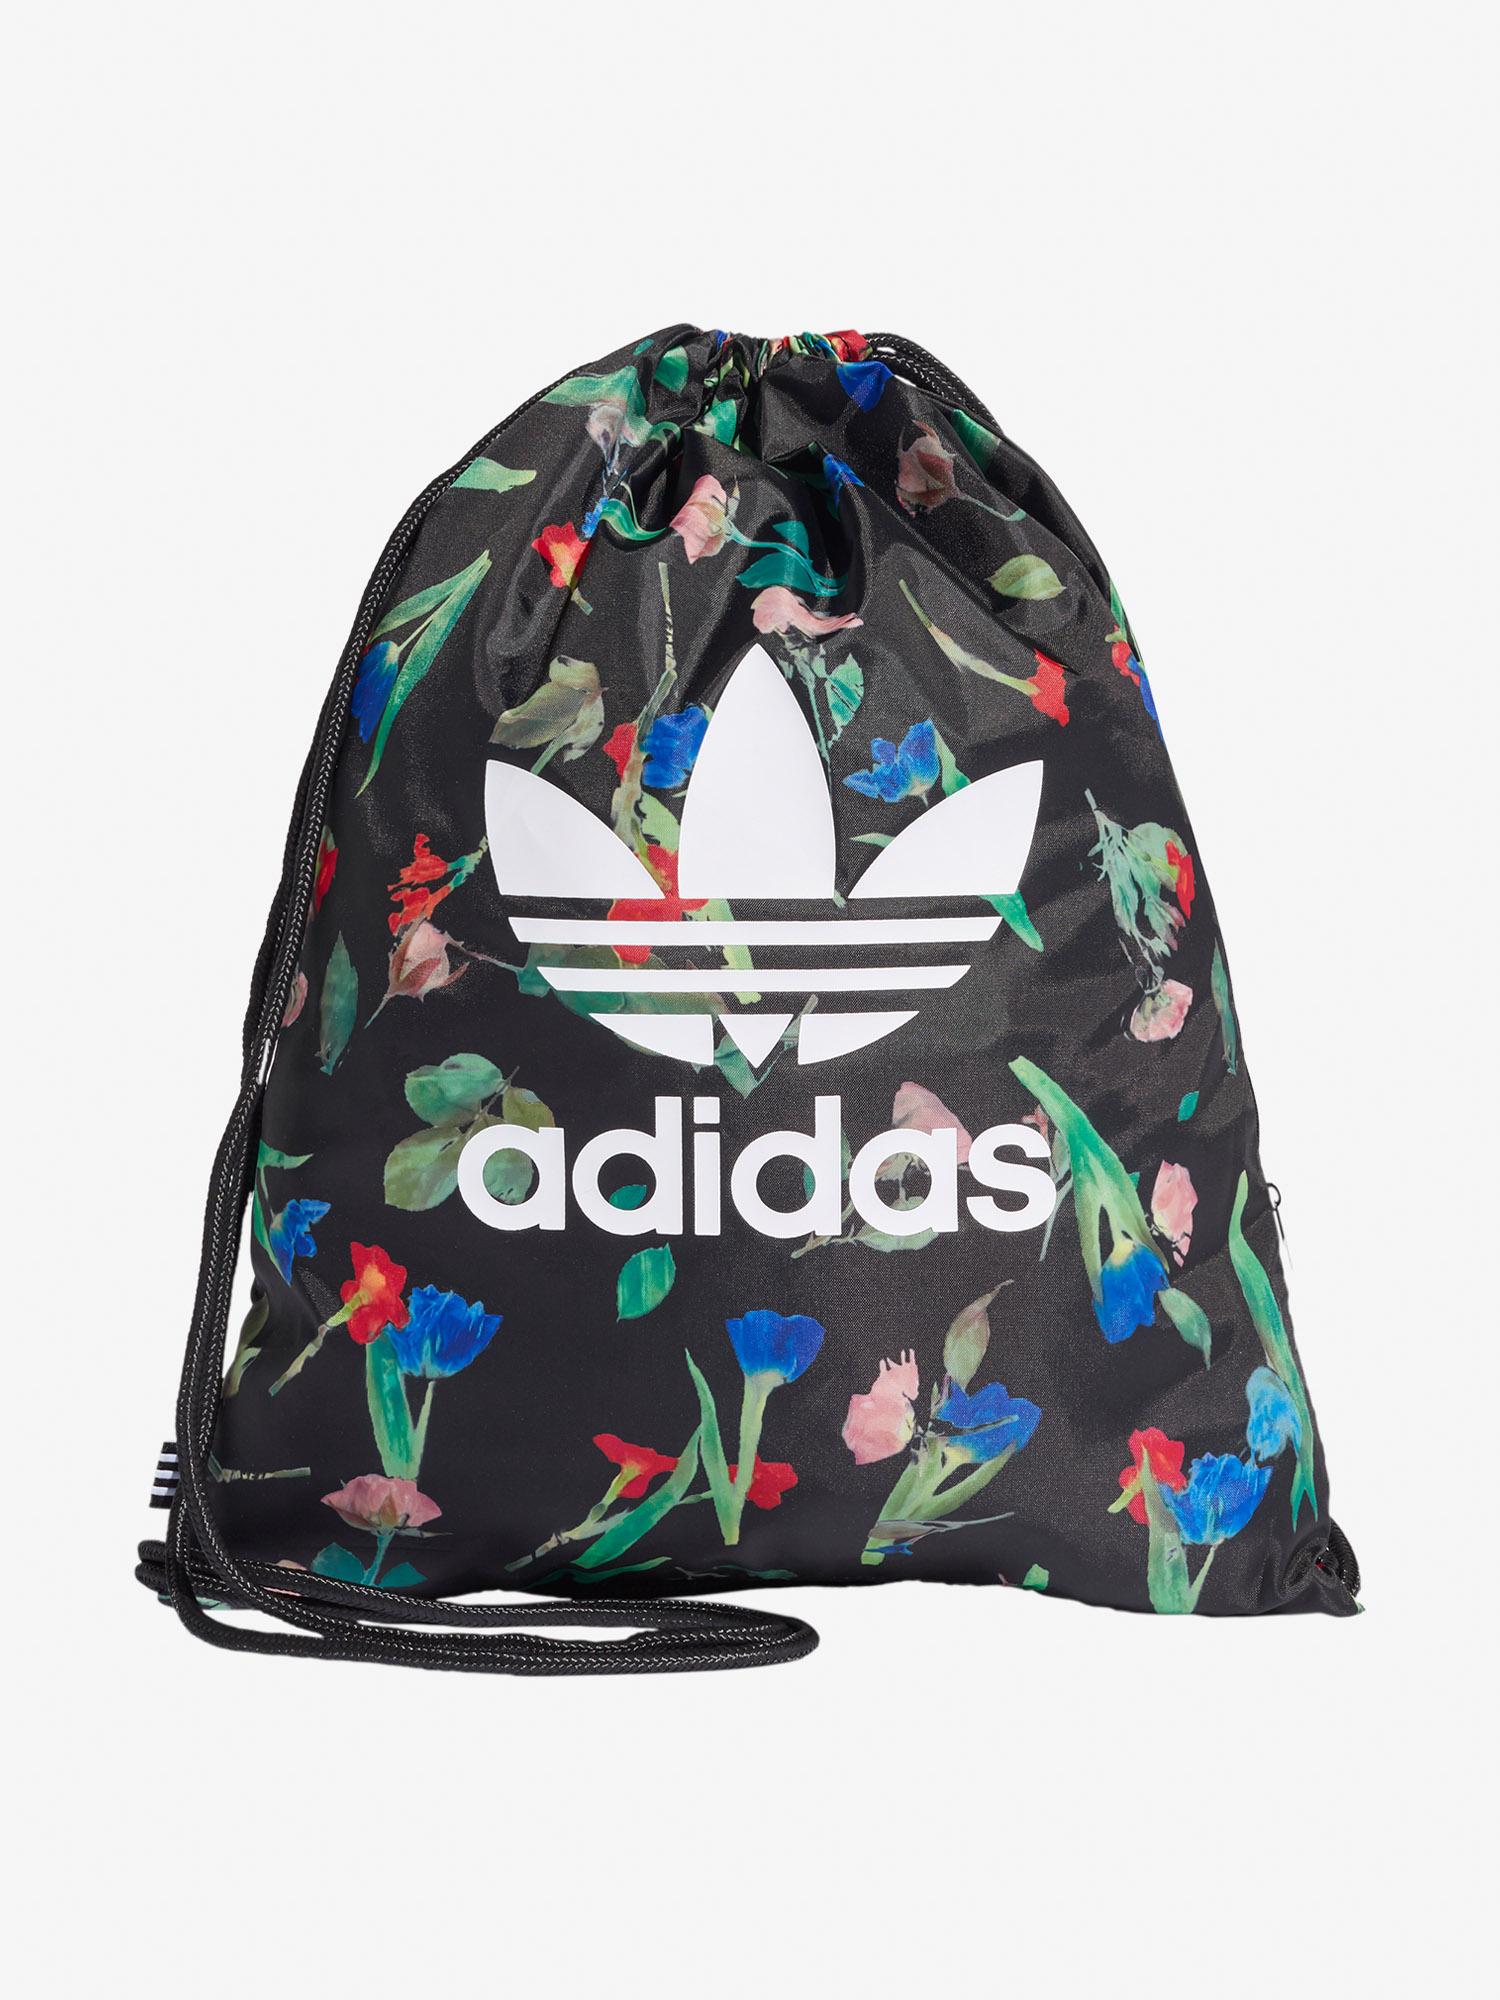 Adidas Originals Gymsack Bag